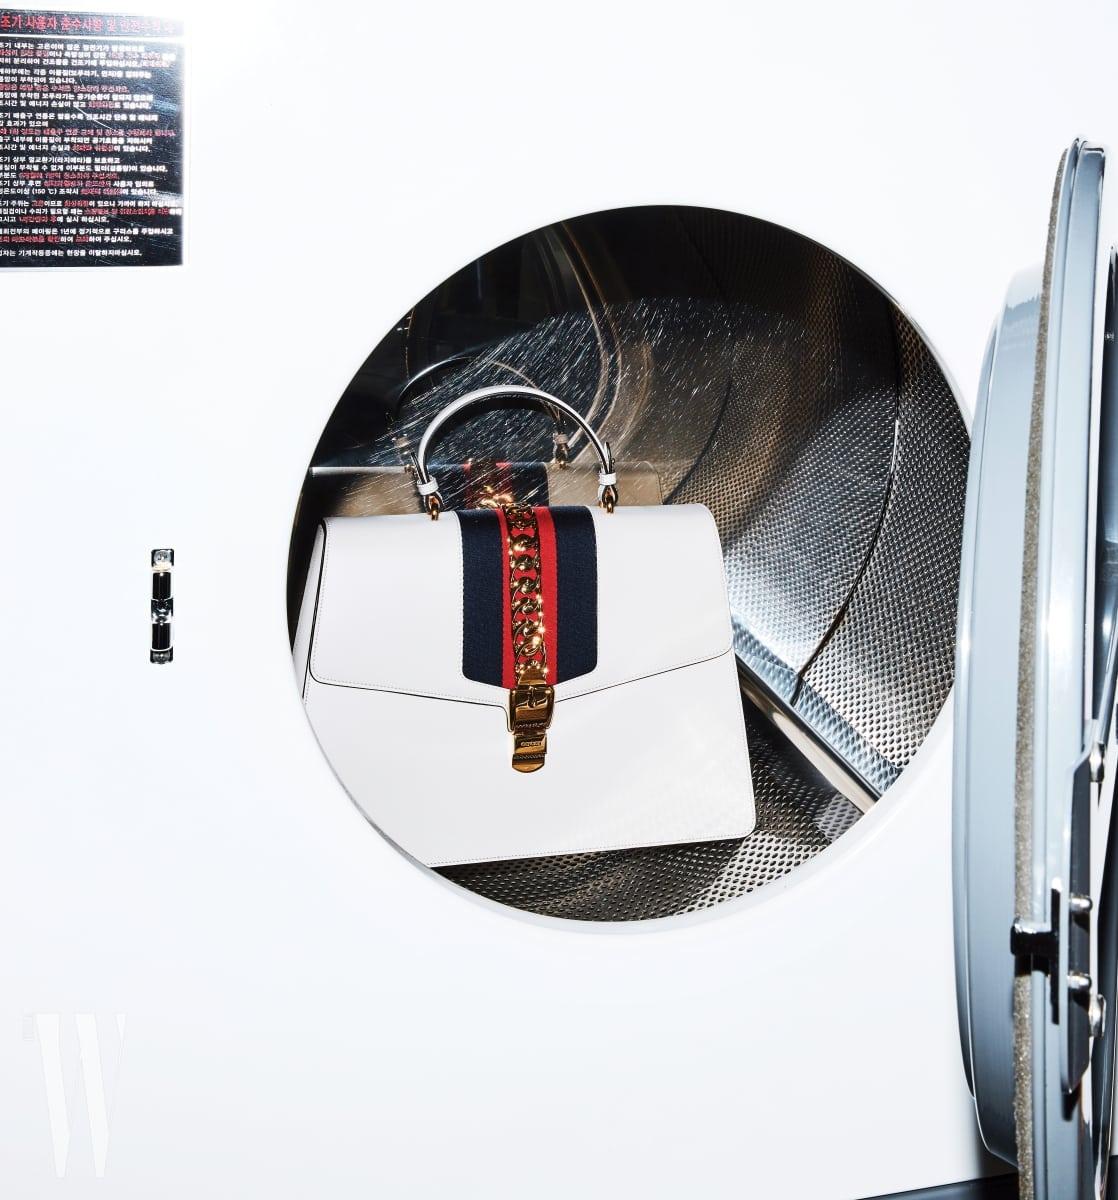 세탁기 안에 들어 있는 큼직한 사각 토트백은 구찌 제품. 6백15만원.